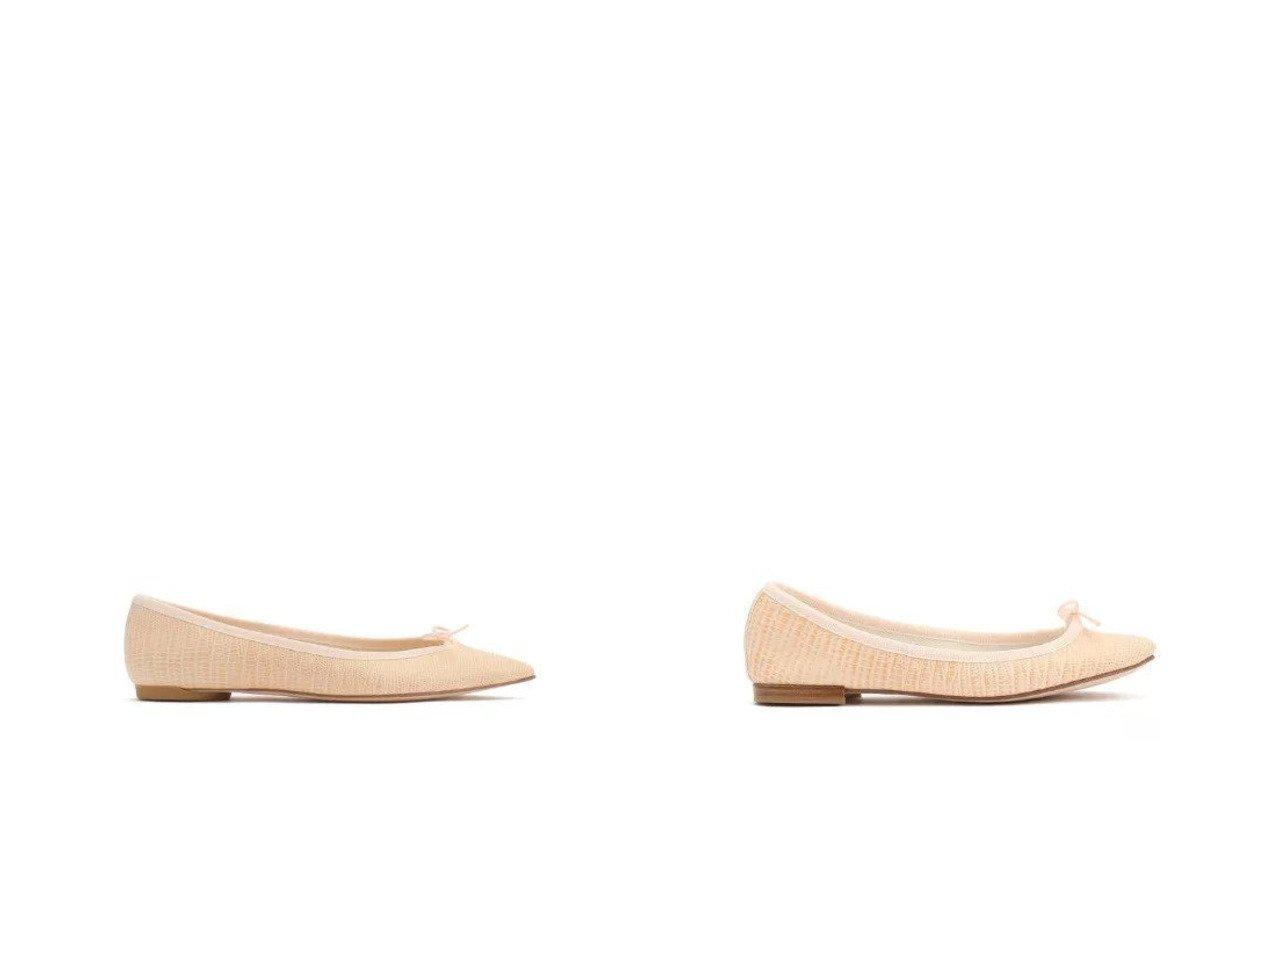 【repetto/レペット】のBrigitte Ballerinas&Cendrillon Ballerinas シューズ・靴のおすすめ!人気、トレンド・レディースファッションの通販 おすすめで人気の流行・トレンド、ファッションの通販商品 メンズファッション・キッズファッション・インテリア・家具・レディースファッション・服の通販 founy(ファニー) https://founy.com/ ファッション Fashion レディースファッション WOMEN シューズ バレエ フィット フォルム フラット リボン レース ワンポイント  ID:crp329100000024758